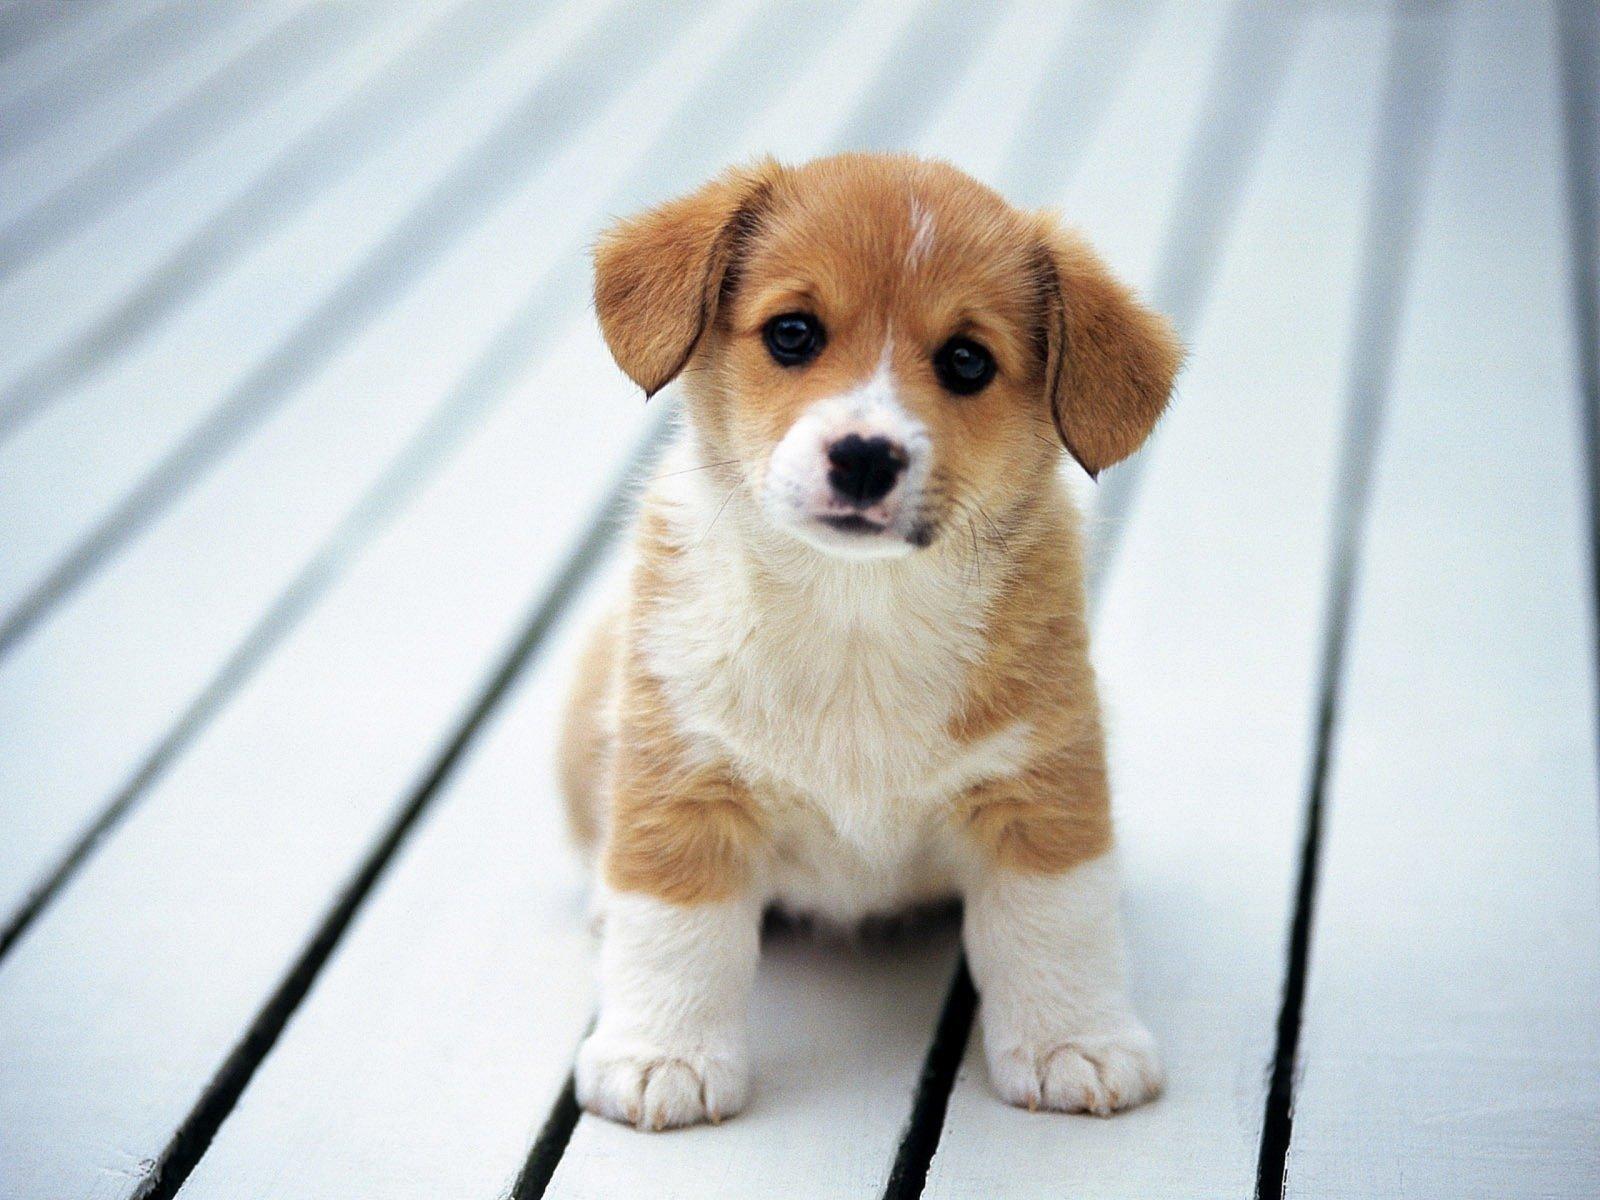 Vừa rồi là bộ sưu tập những hình ảnh dễ thương nhất về cún con mà chúng tôi gửi đến bạn, những người yêu thương loài động vật này.